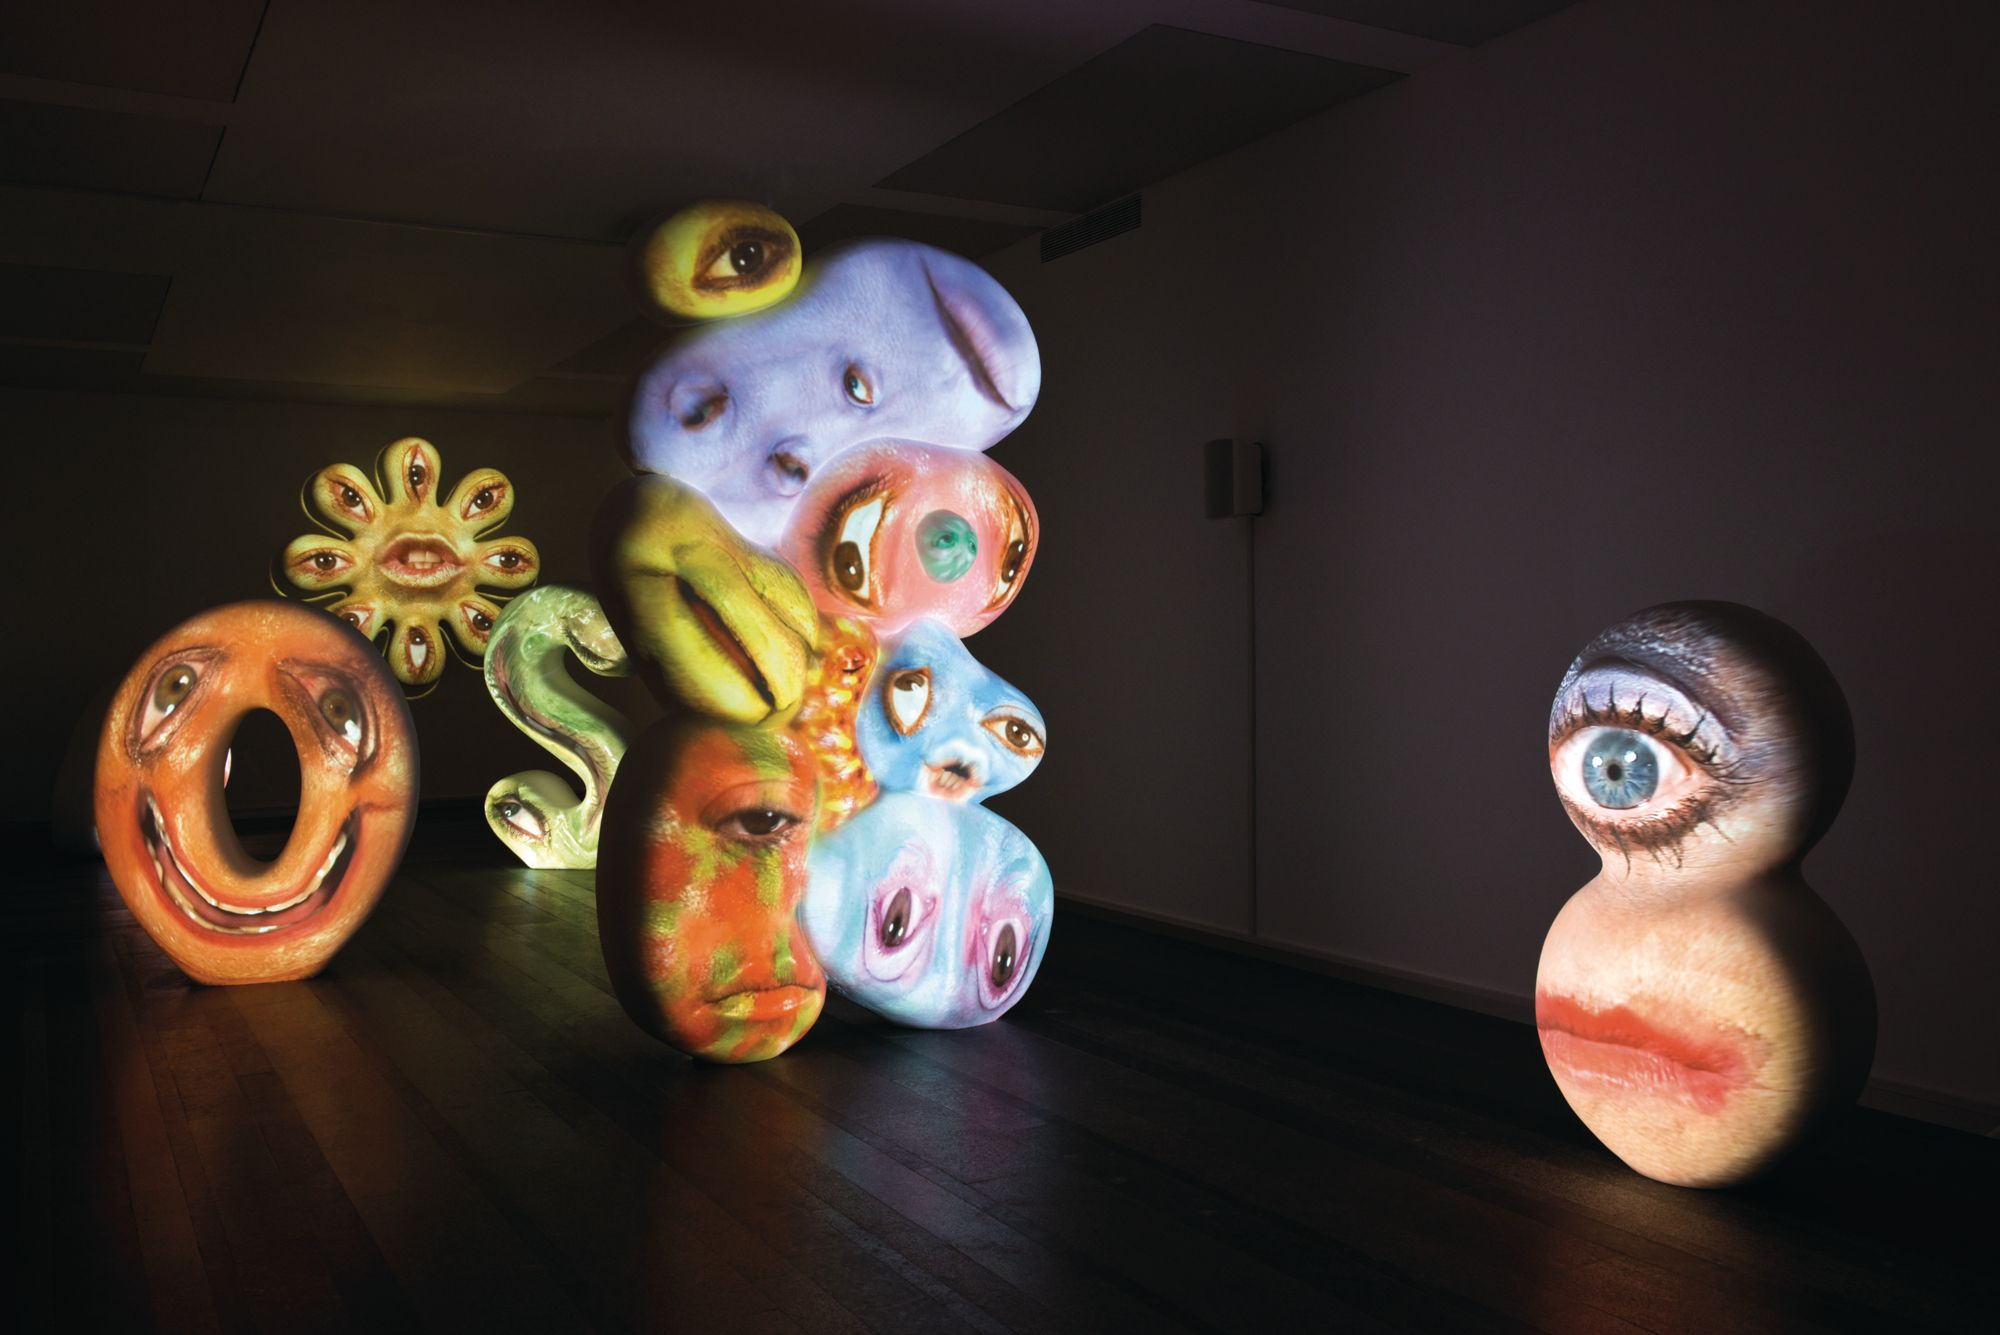 高美館2021年重新開幕!首檔迎來國際特展:錄像藝術鬼才 Tony Oursler 《黑盒-幻魅於形》